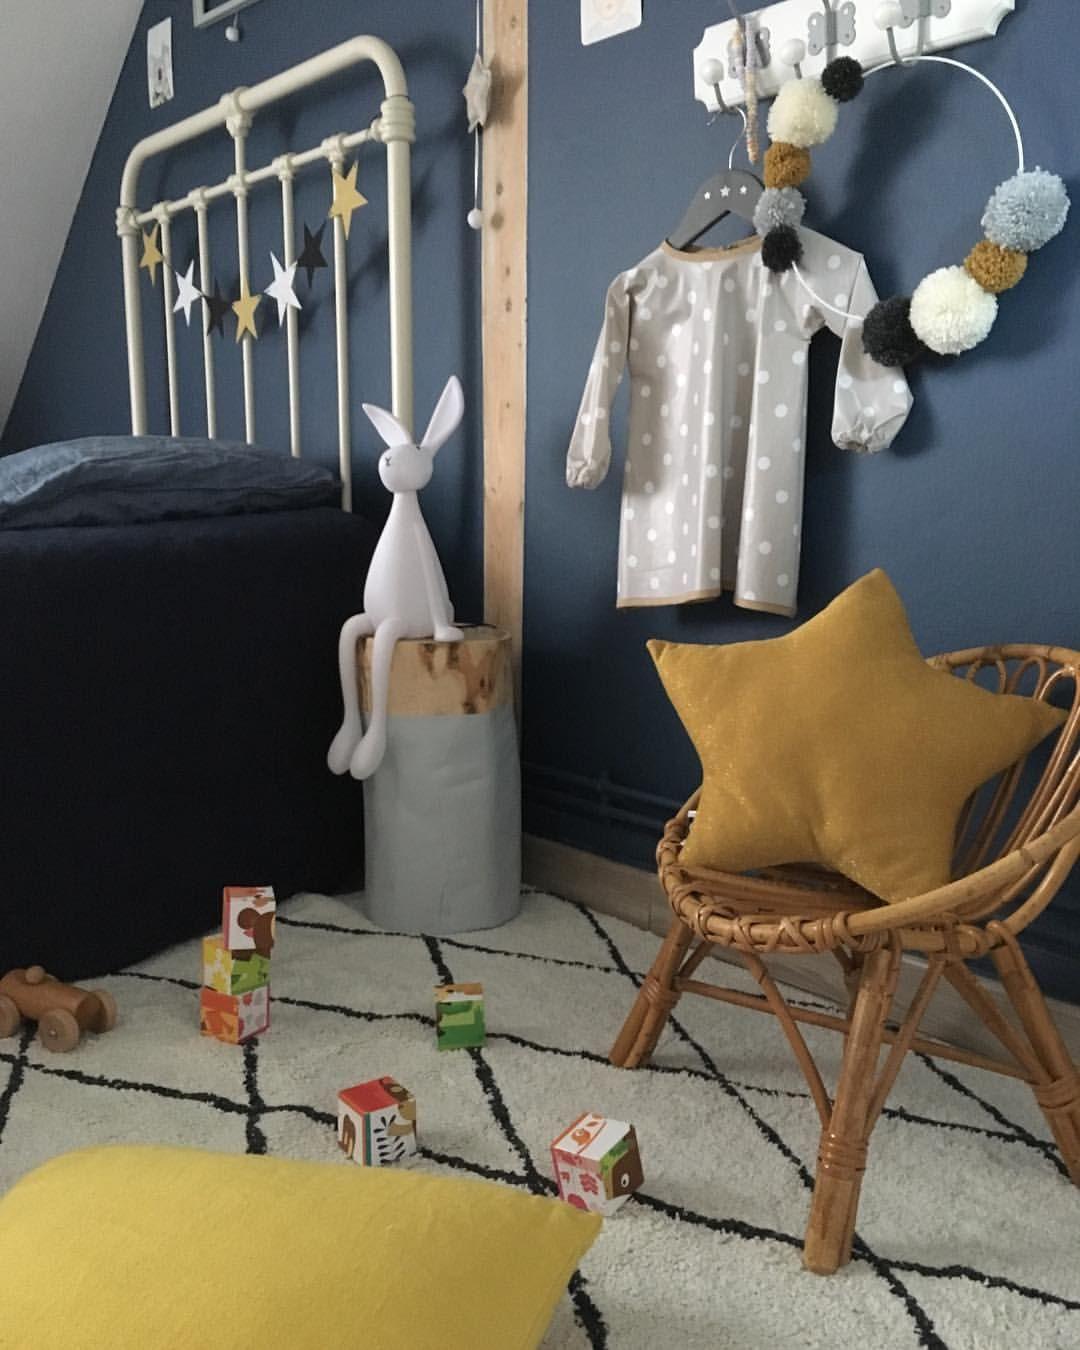 Épinglé par VannArt sur K I D S  Décoration chambre bébé, Chambre